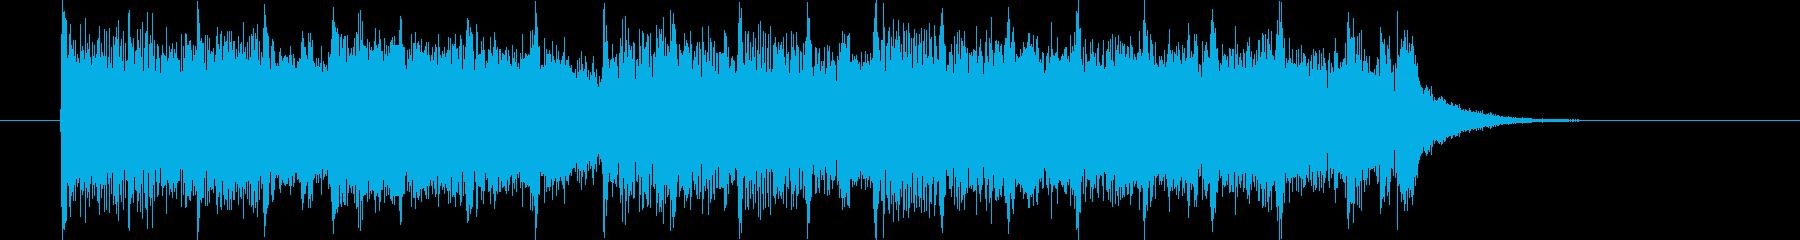 軽やかで爽やかなシンセサウンド短めの再生済みの波形